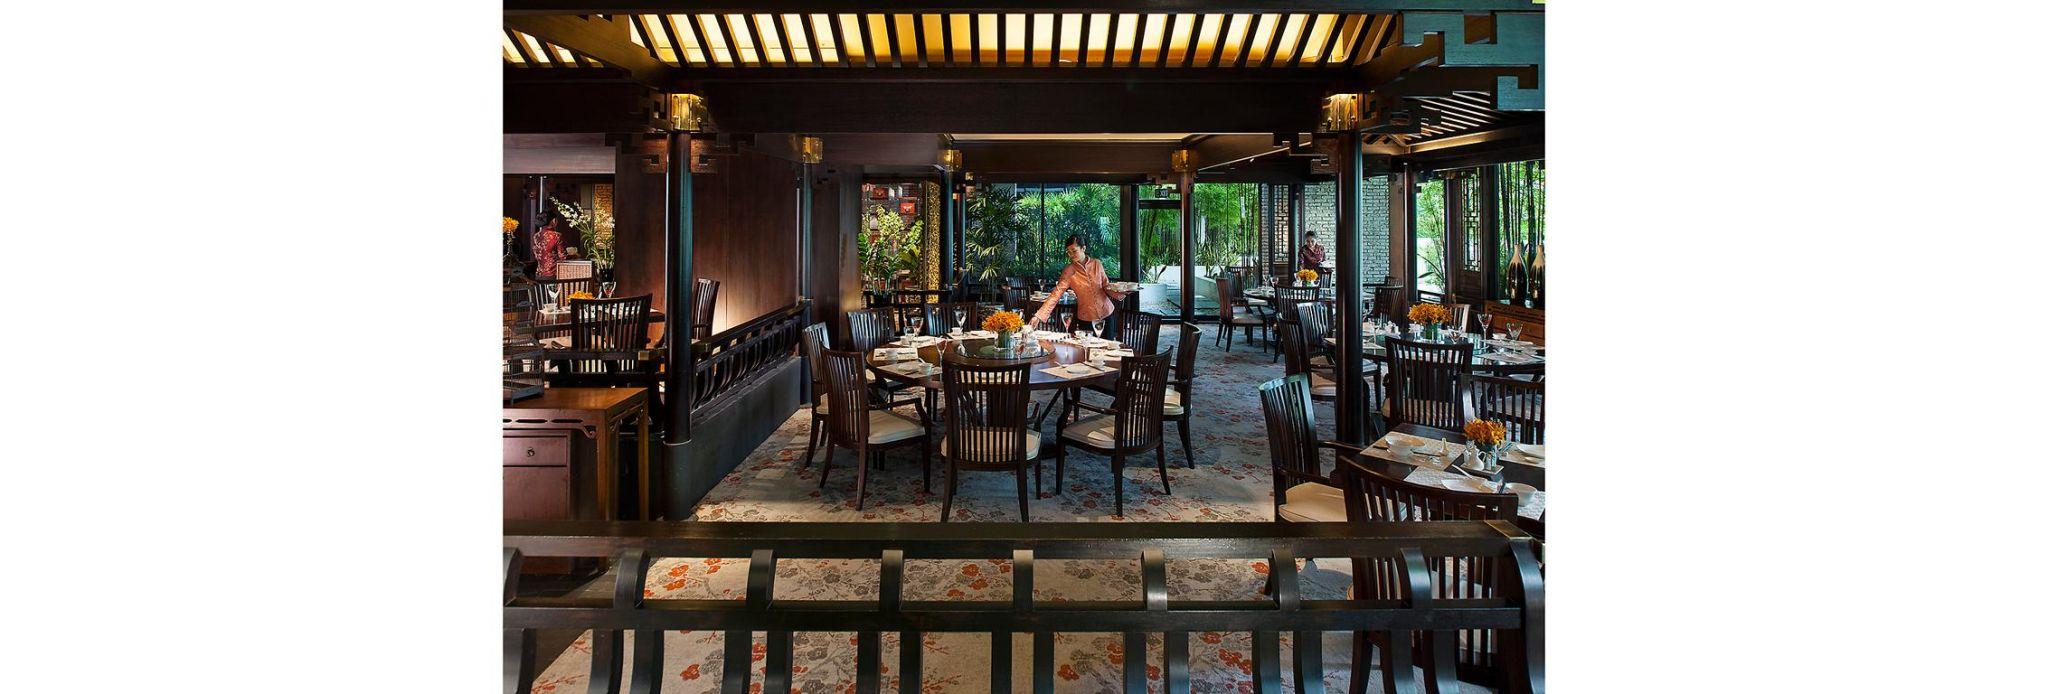 mandarin oriental singapore - angebote buchen | dsi reisen